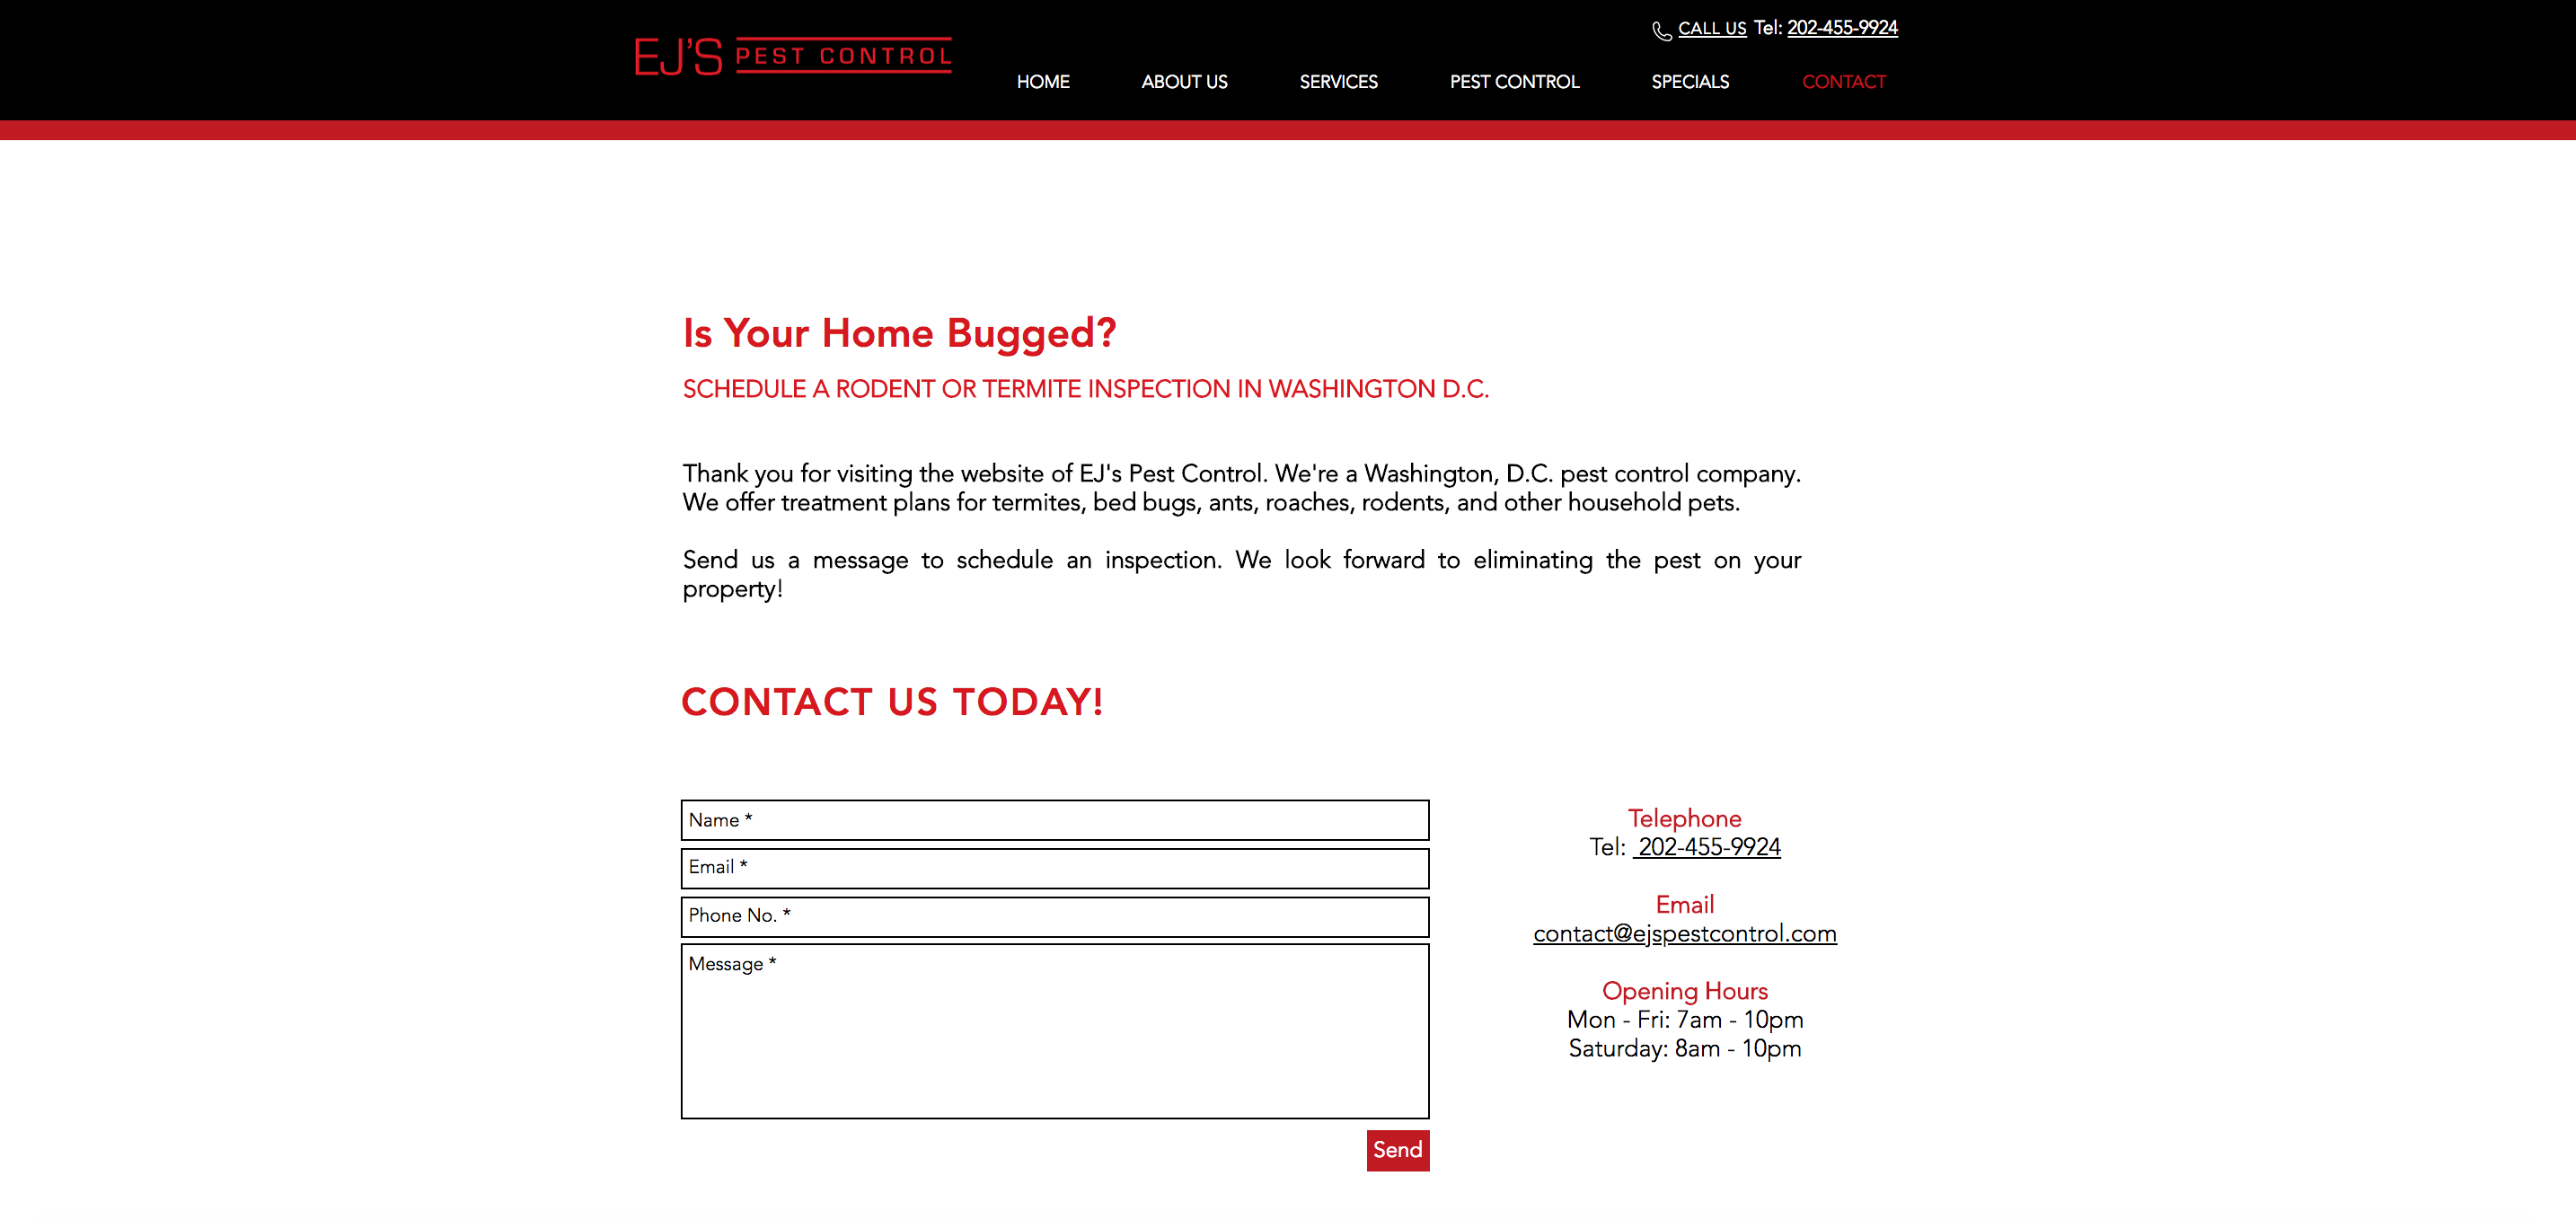 EJ's Pest Control Website Design